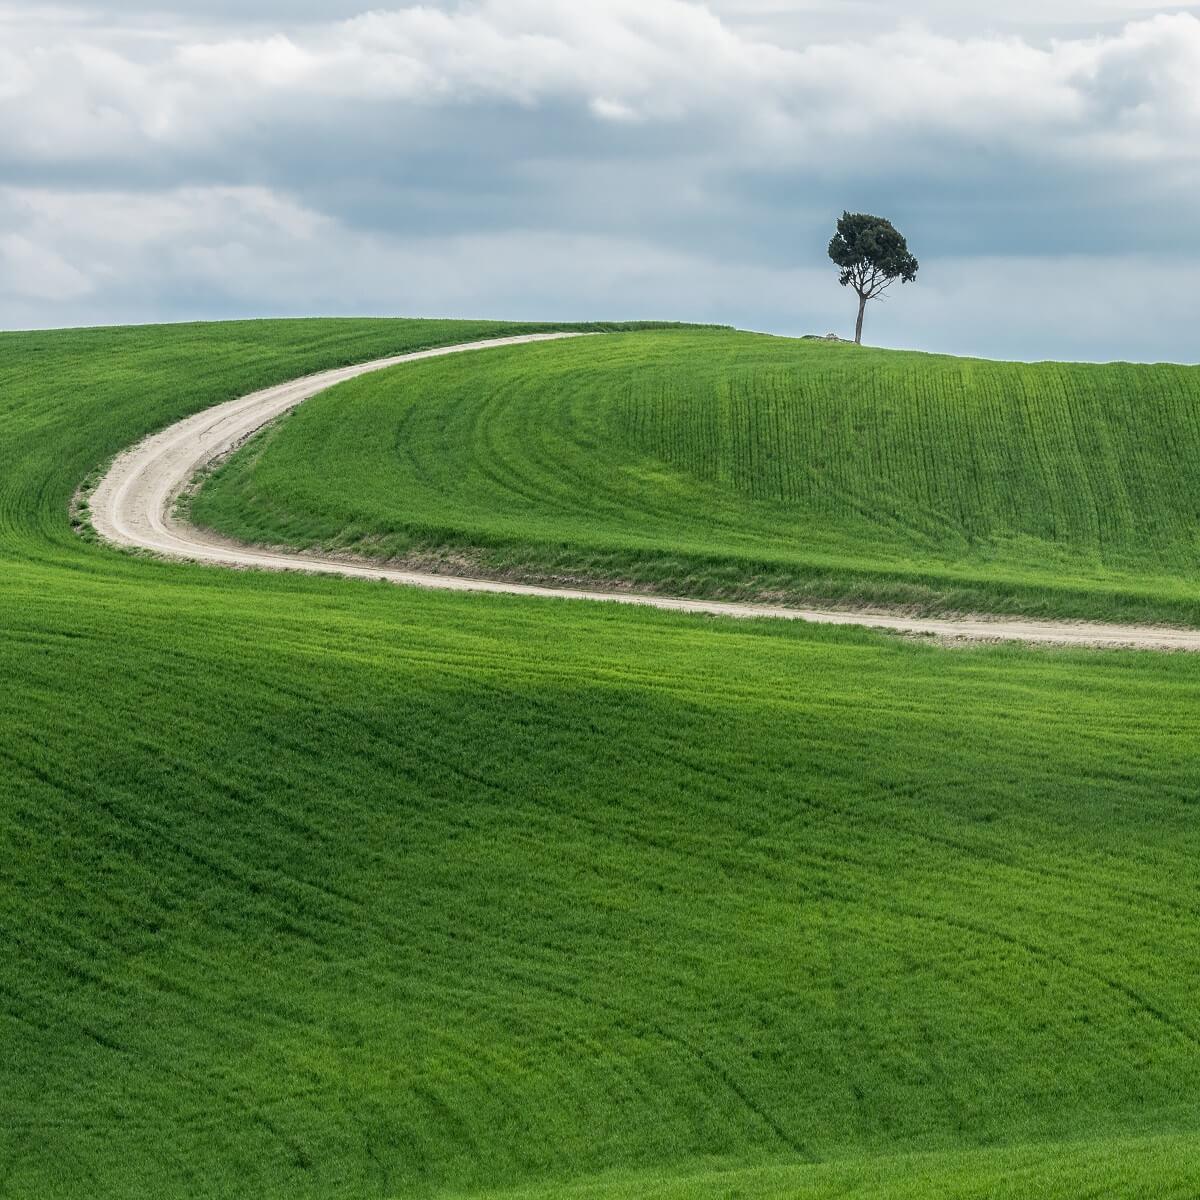 緑の丘に1本の木が立っている。そこまで一本道が通っている。